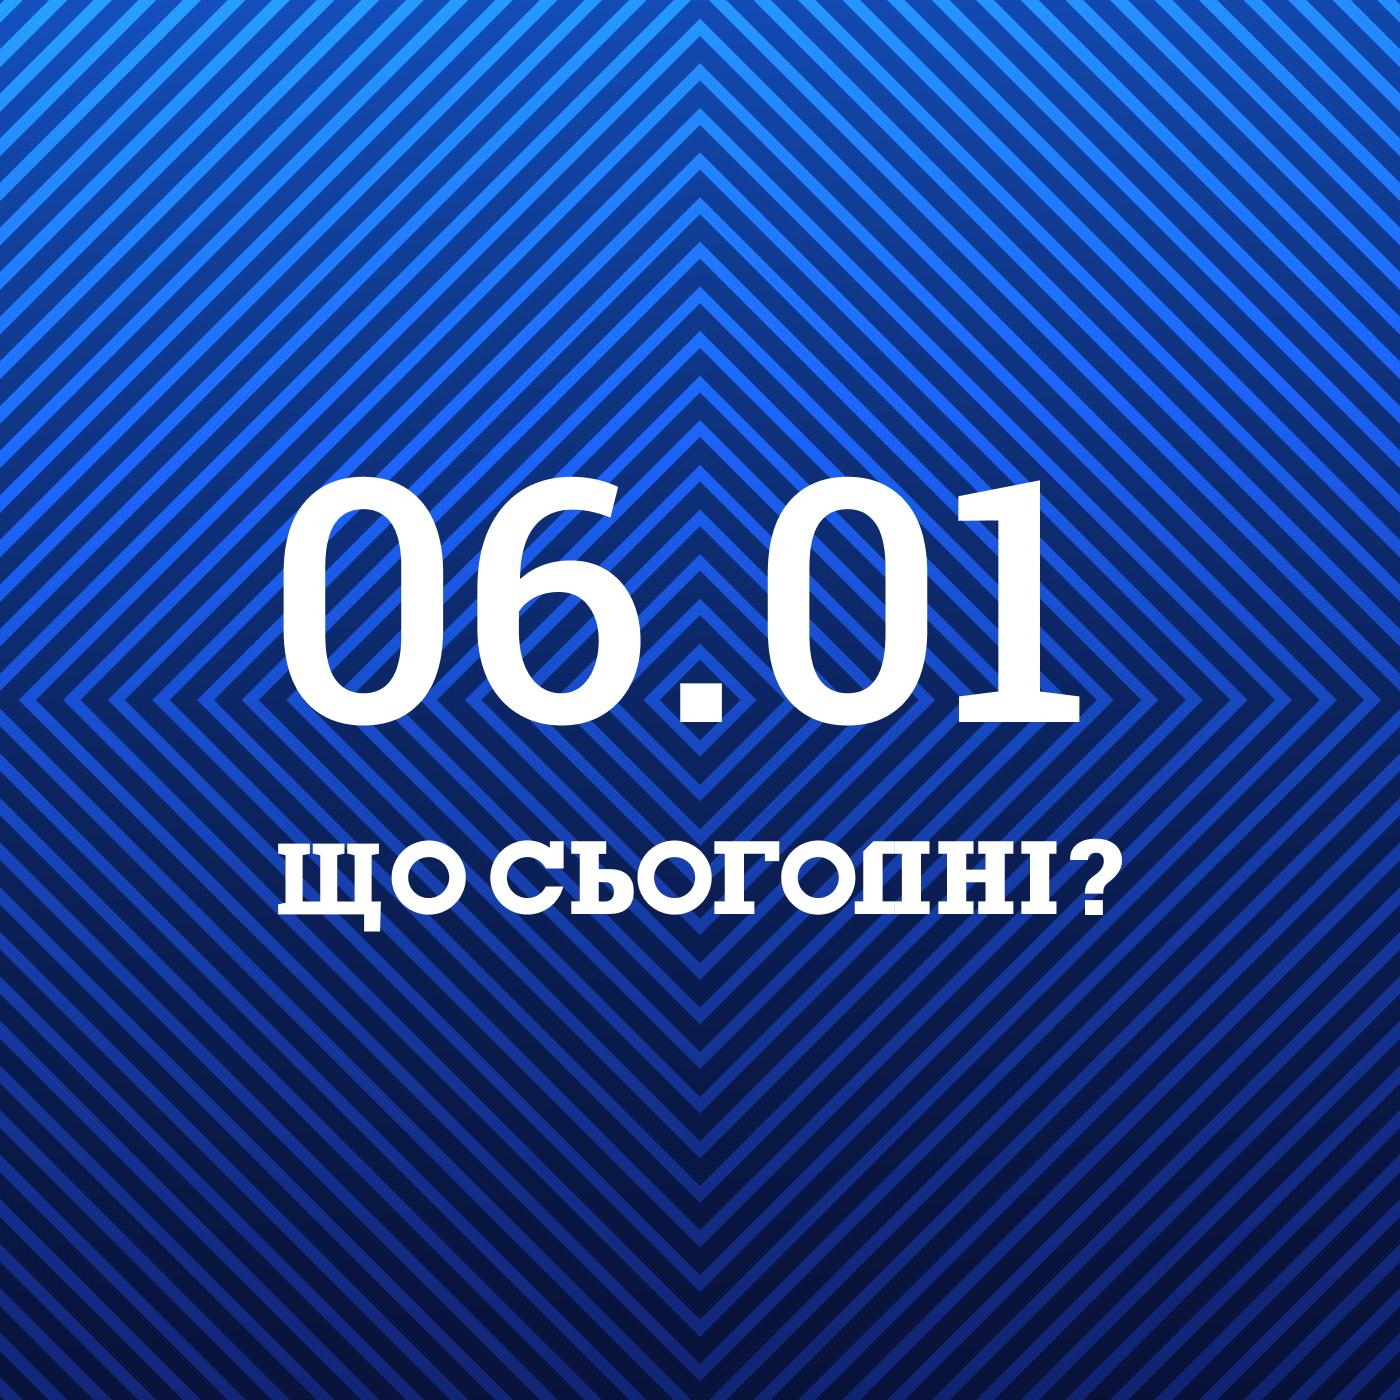 Що сьогодні: Чутки про вакцину Pfizer в Україні, стрибок Bitcoin, способи зігрітися в дощове Різдво